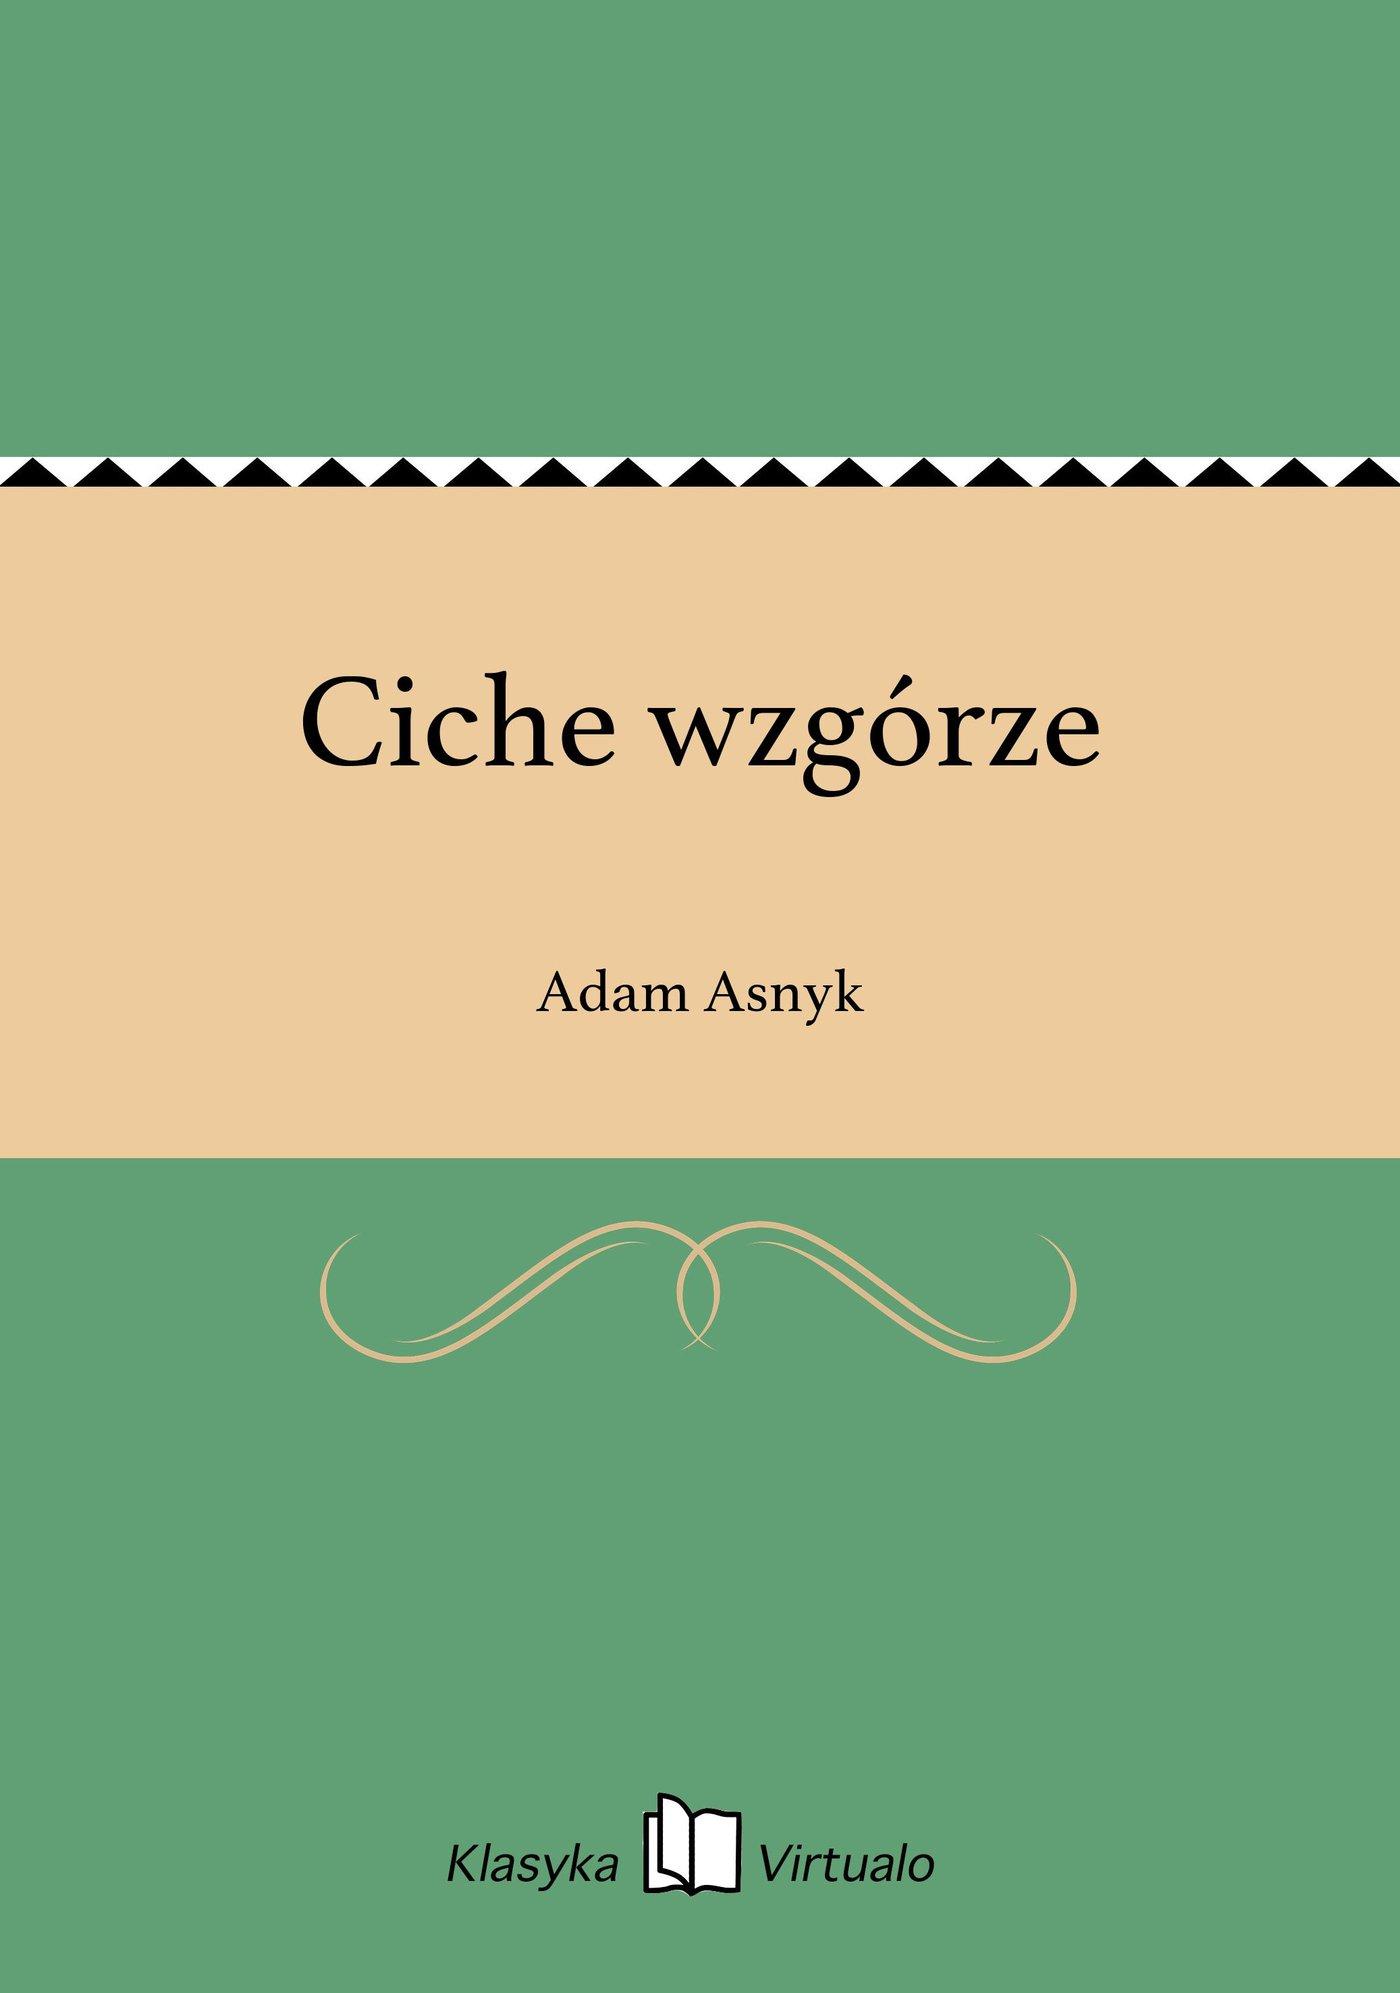 Ciche wzgórze - Ebook (Książka EPUB) do pobrania w formacie EPUB